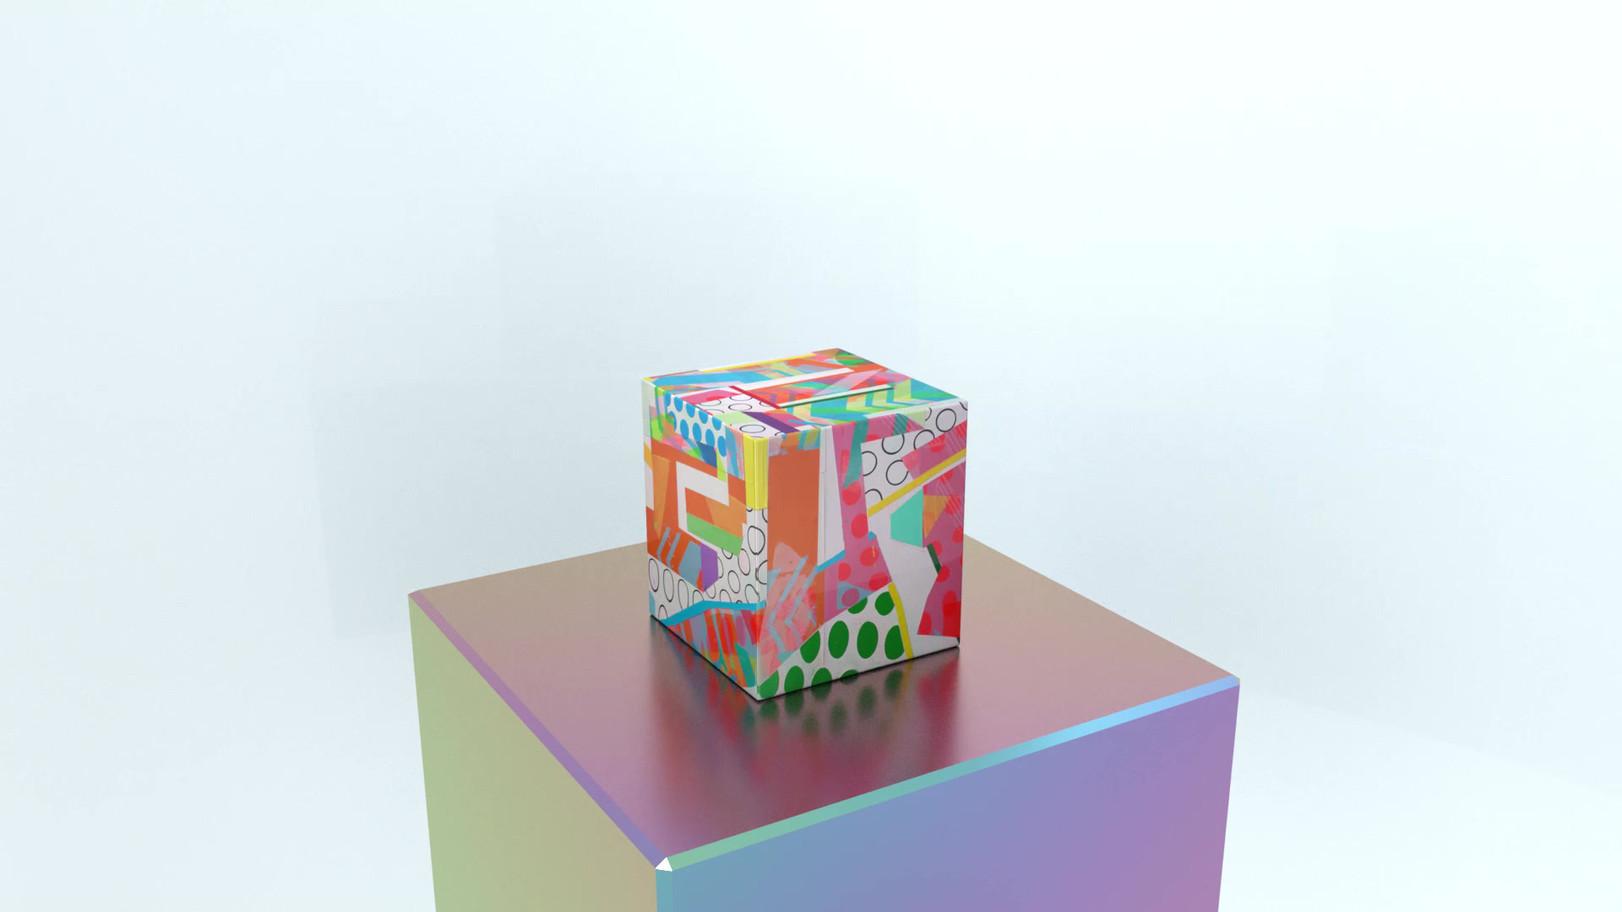 Cube_randombounce.mp4